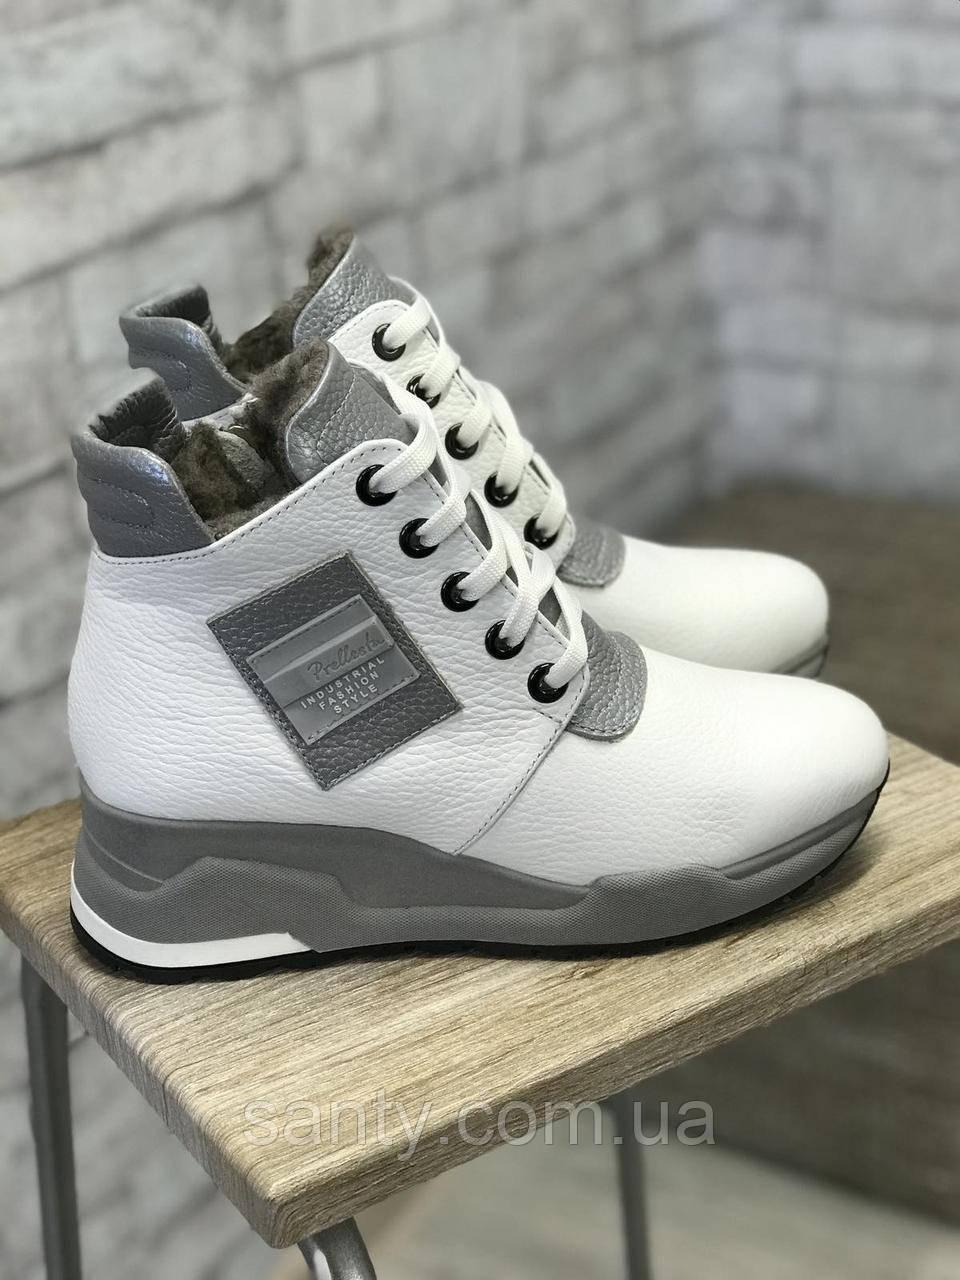 Женские зимние ботинки Белые 38 1236. Зимові жіночі чоботи - кросівки.